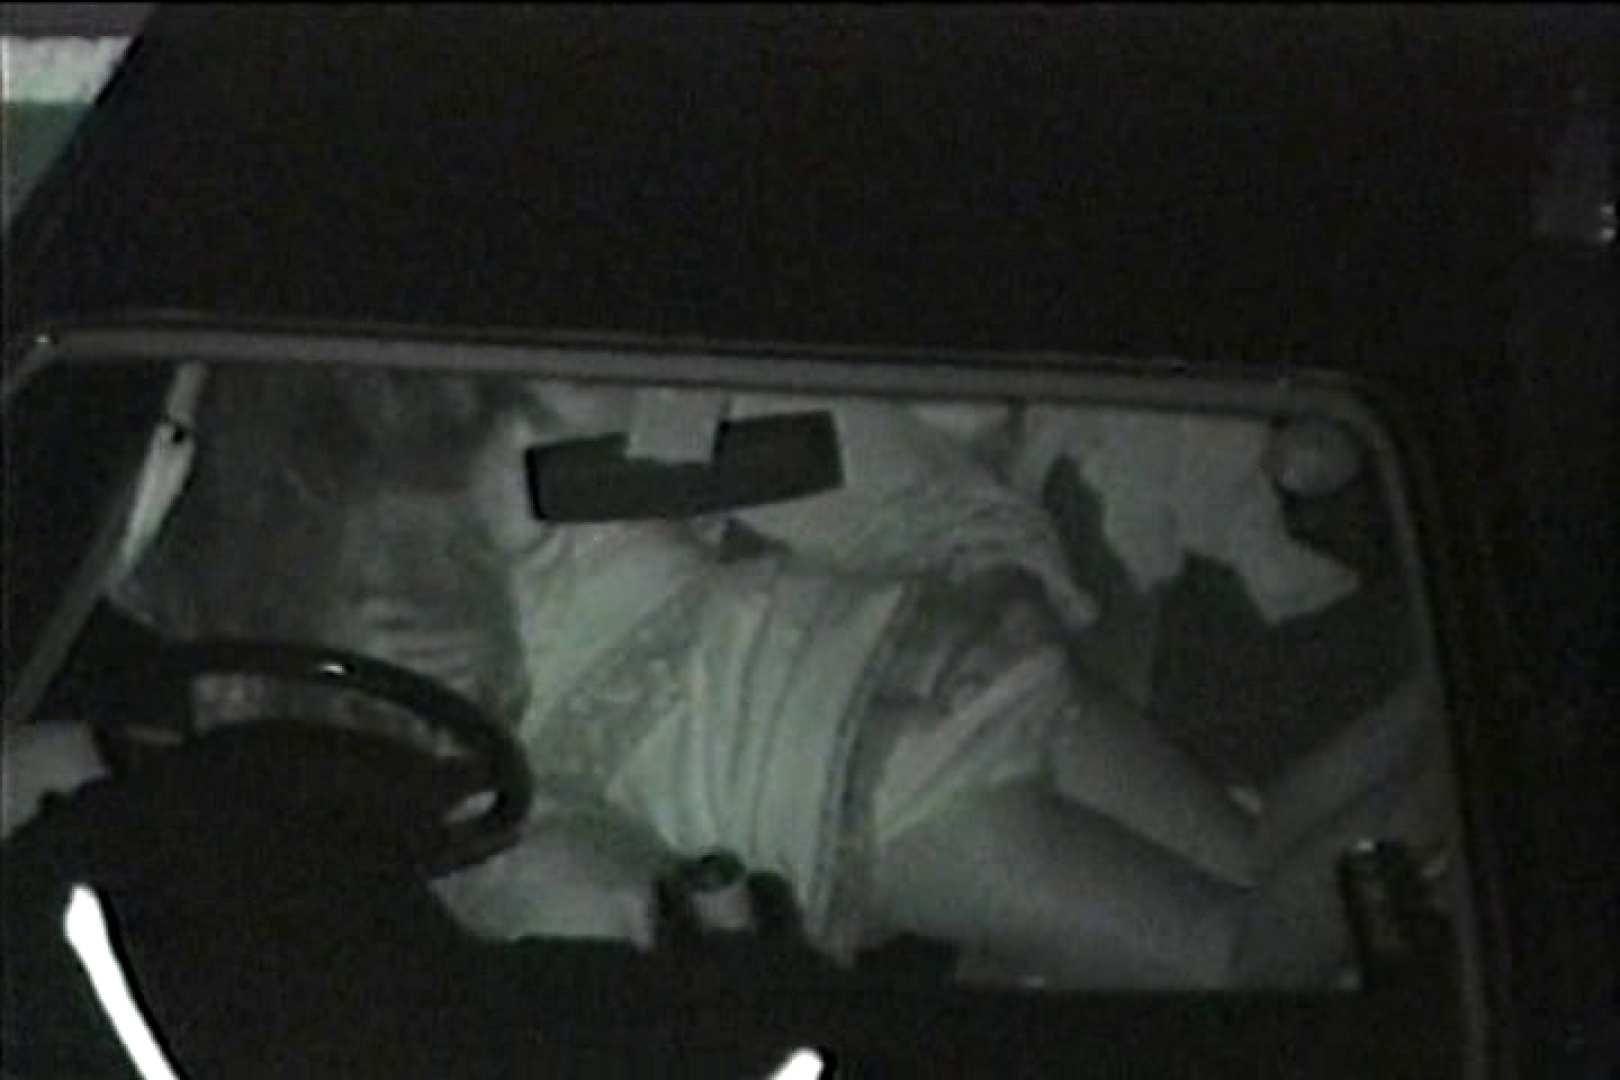 車の中はラブホテル 無修正版  Vol.7 ラブホテル AV無料動画キャプチャ 96連発 79